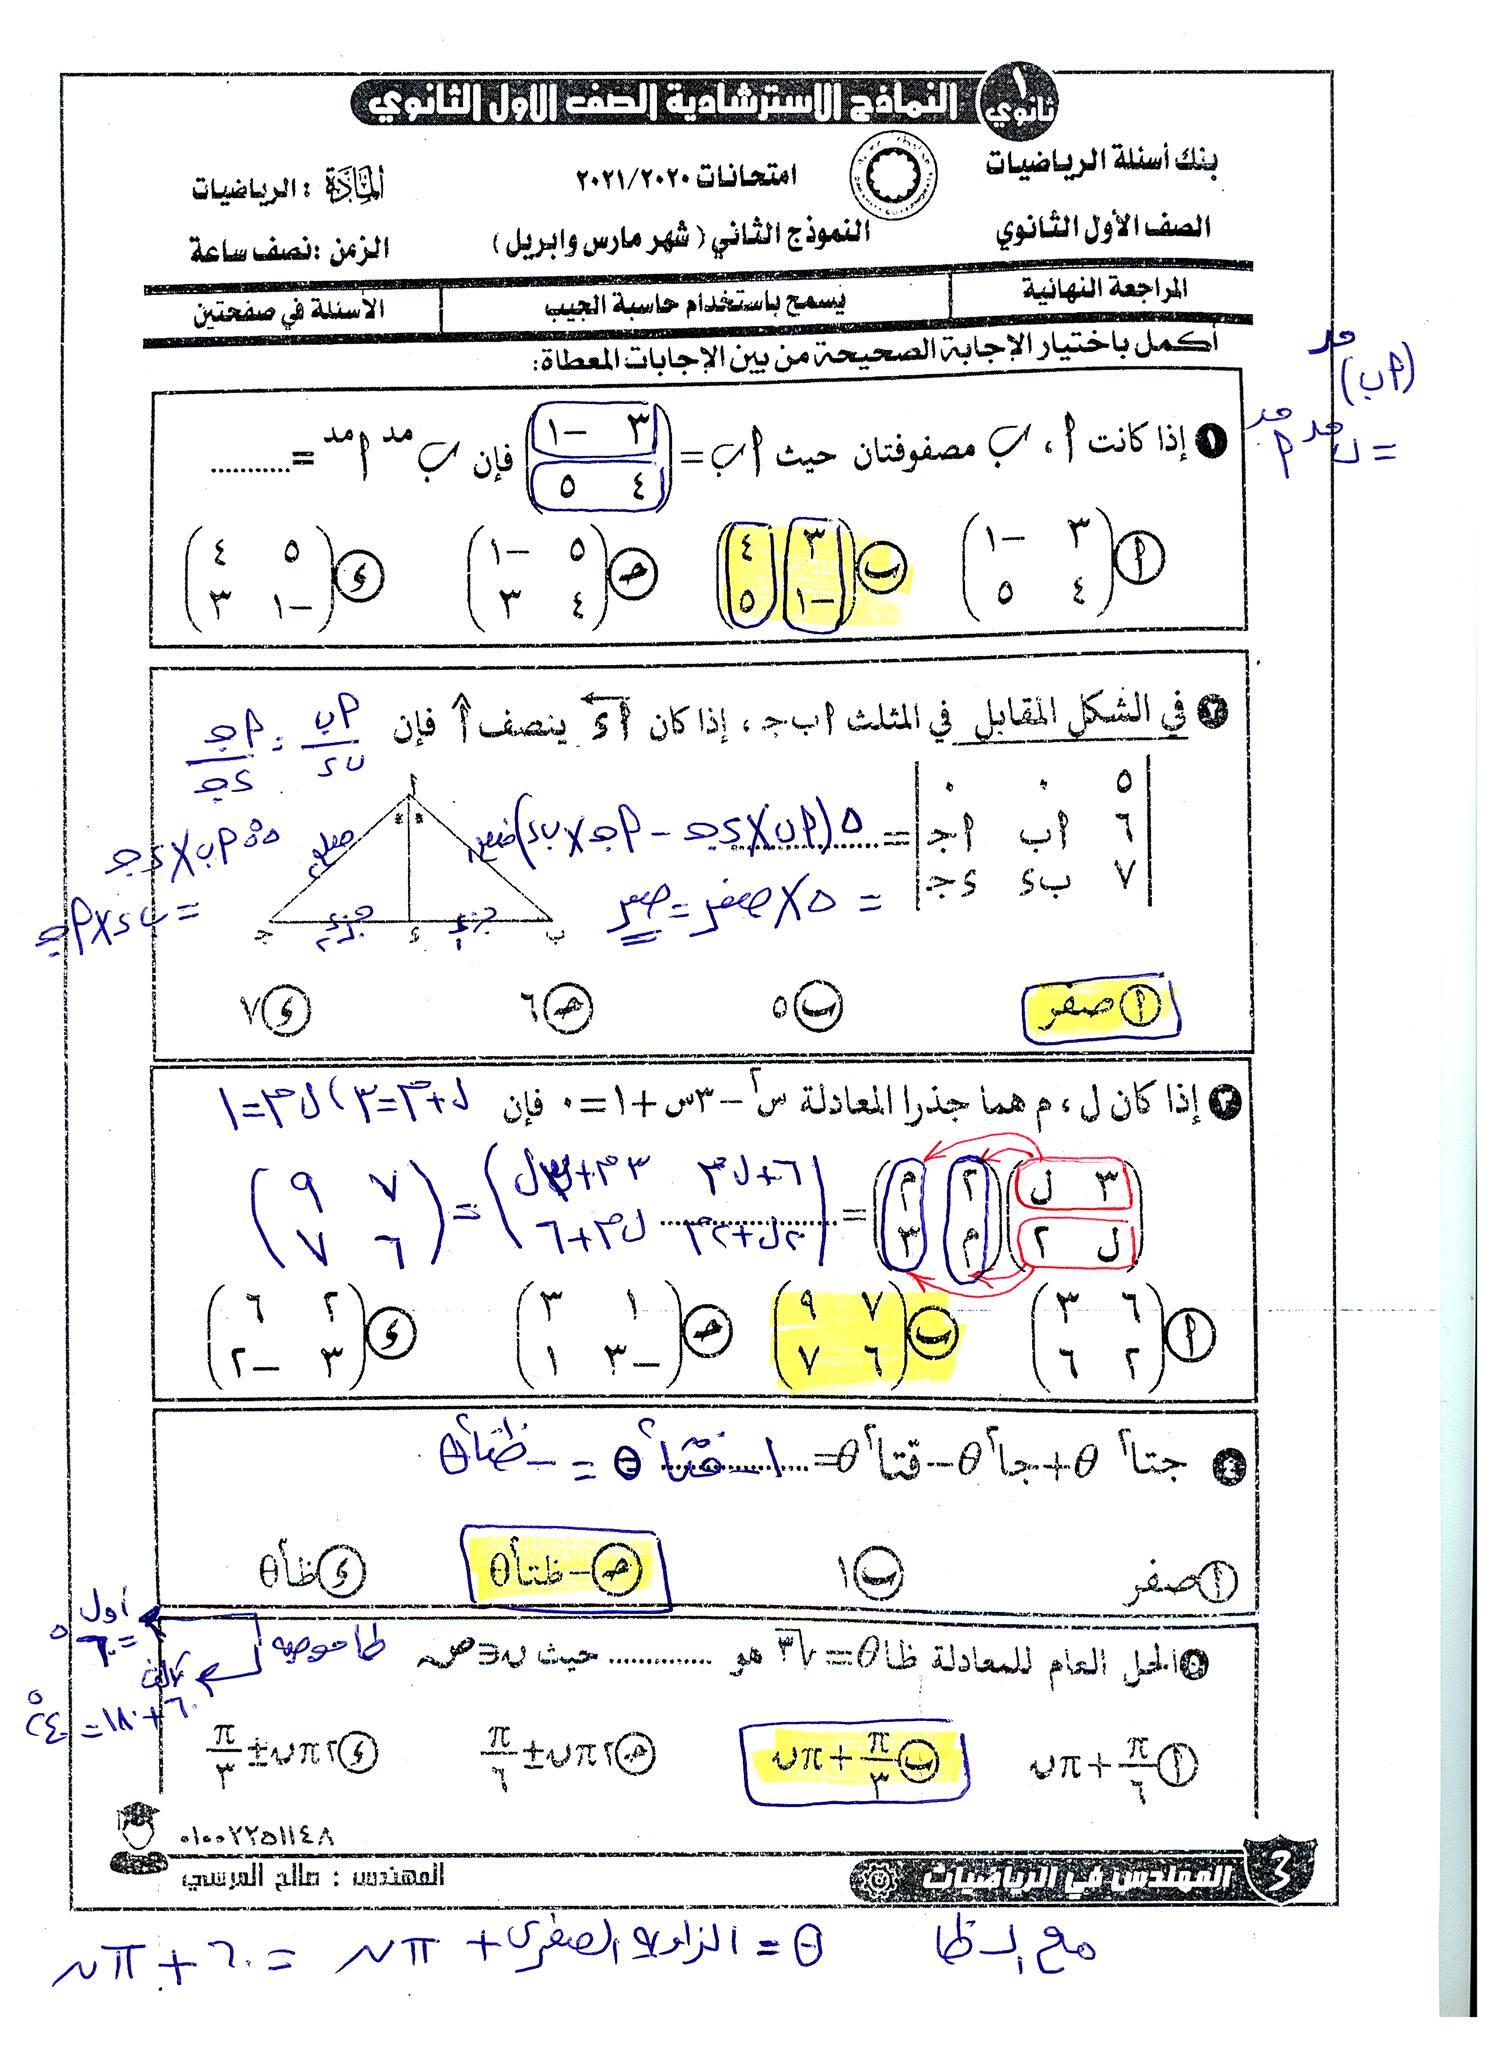 مراجعة ليلة الامتحان رياضيات للصف الأول الثانوي ترم ثاني.. ملخص كامل متكامل للقوانين و حل النماذج الاسترشادية 9